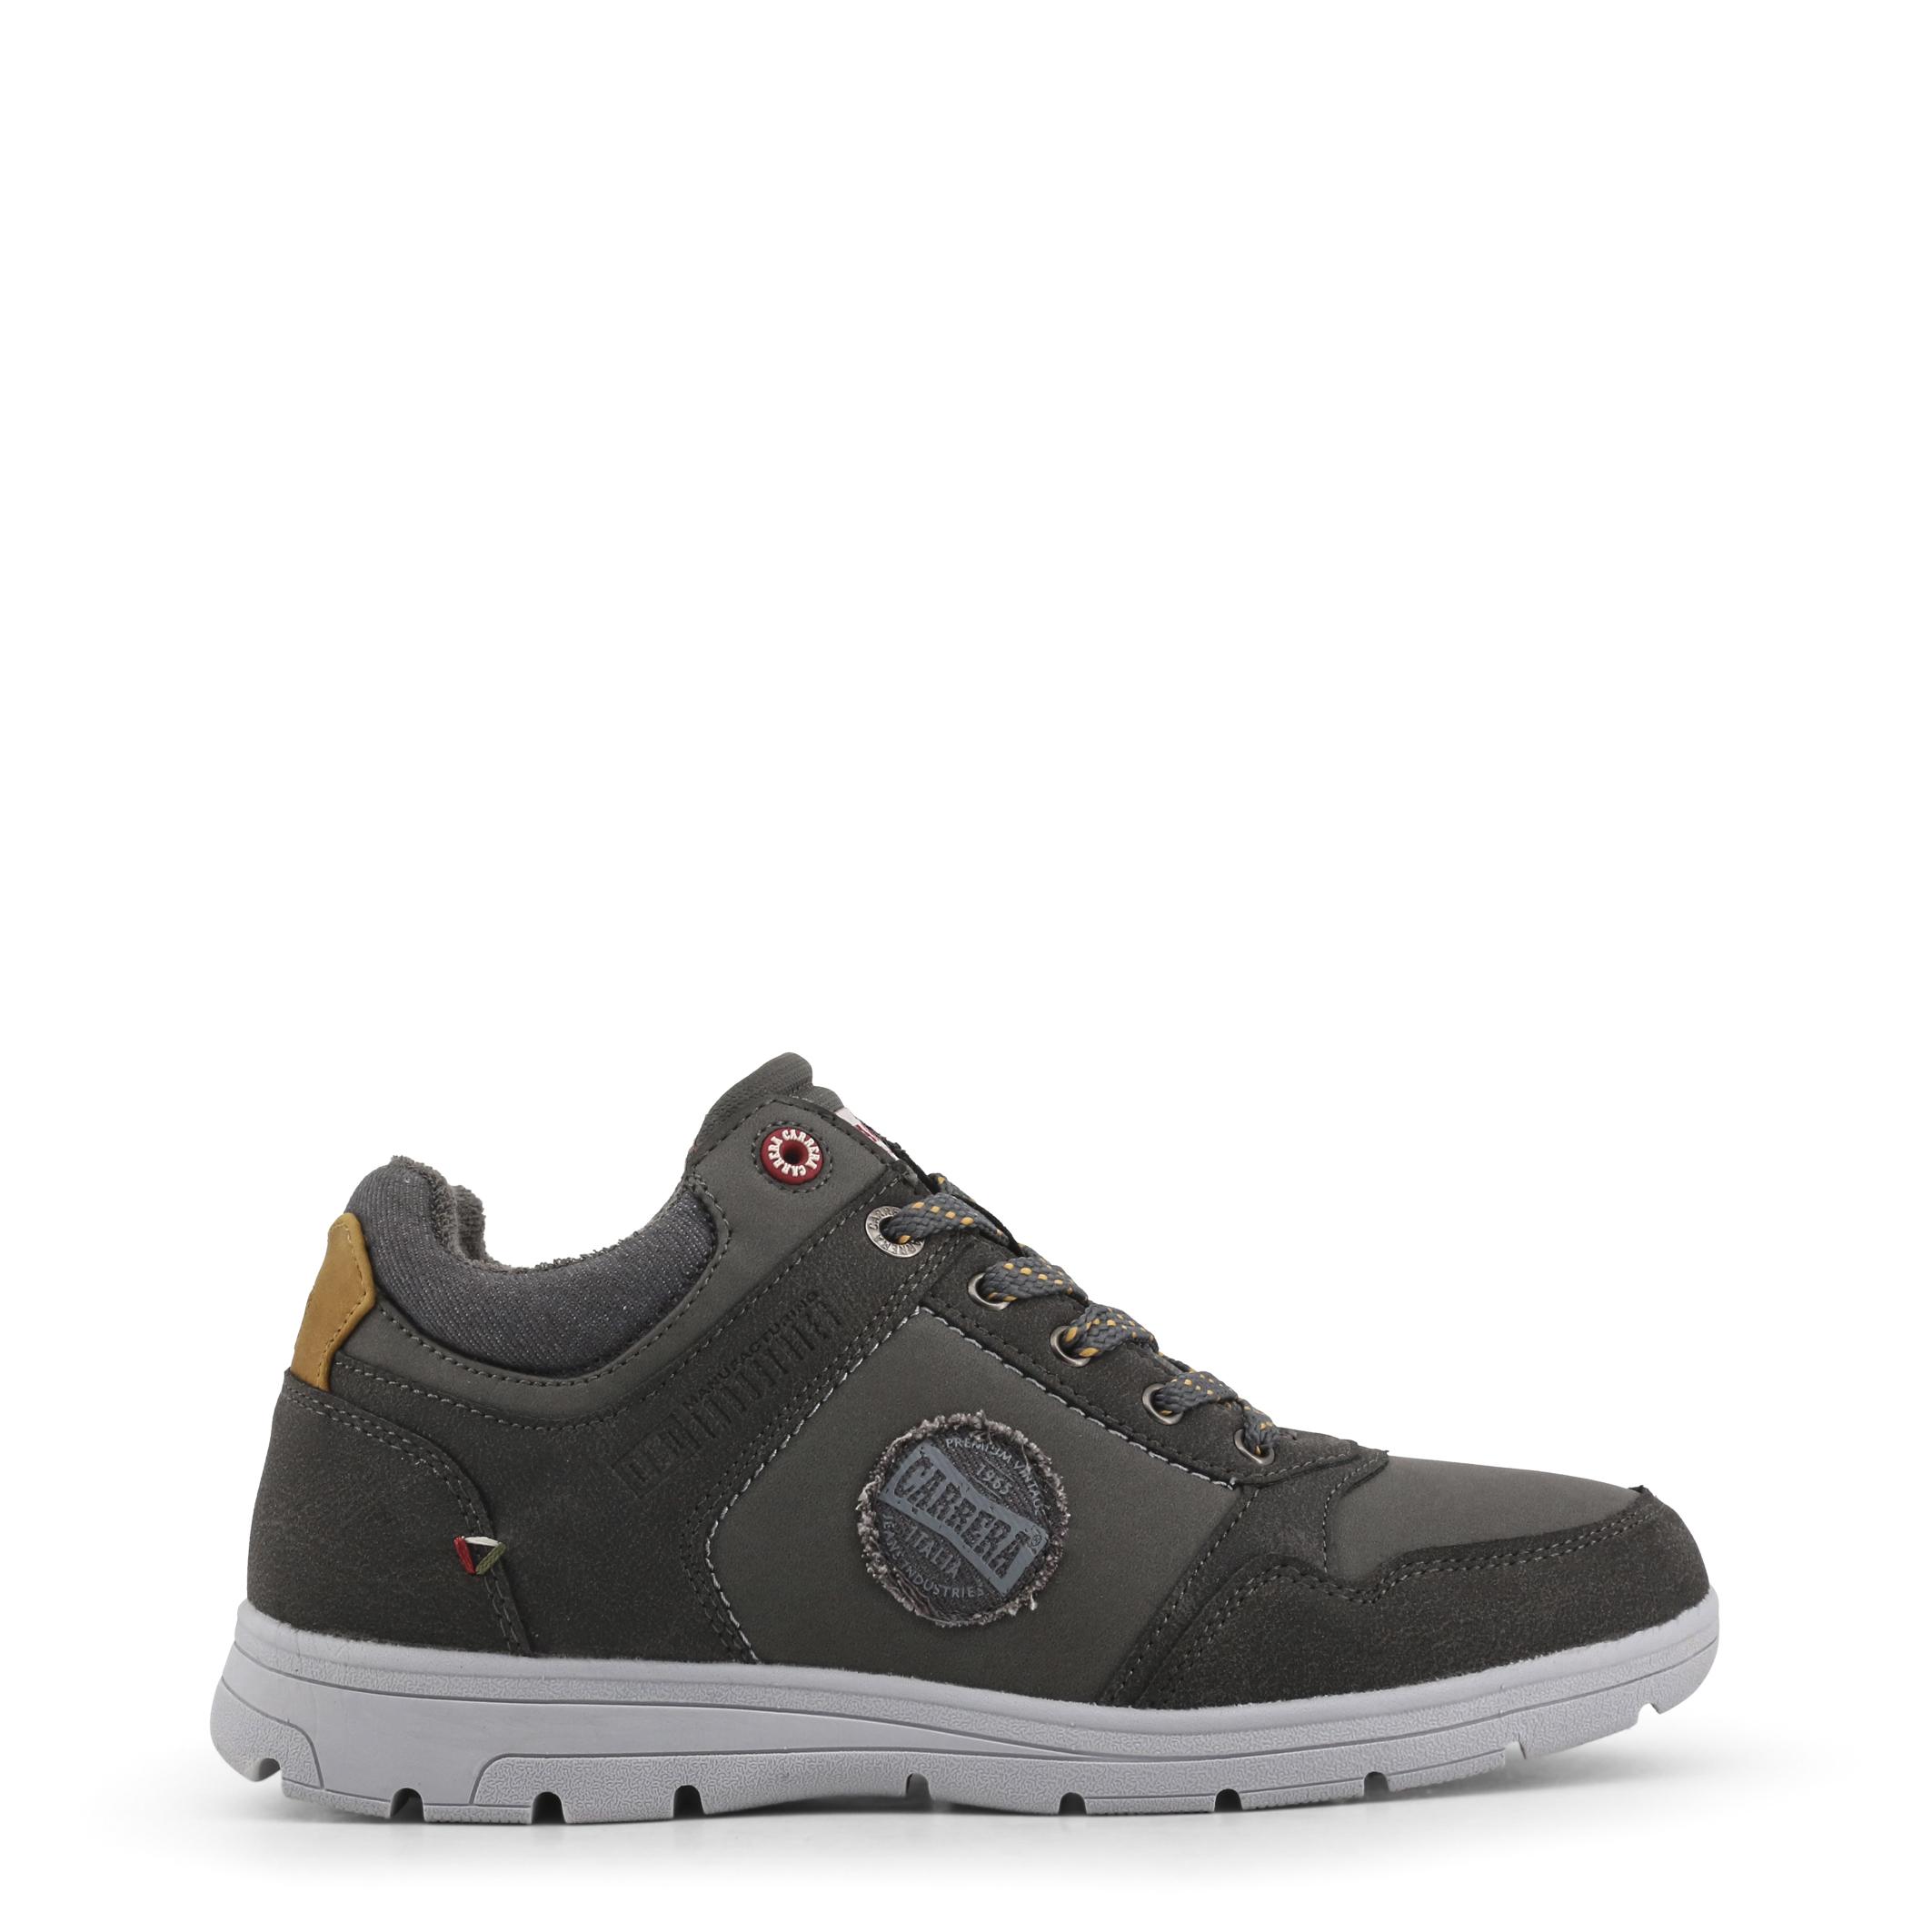 Sneakers 42 Jeans Carrera Grau Herren Y7If6vybg